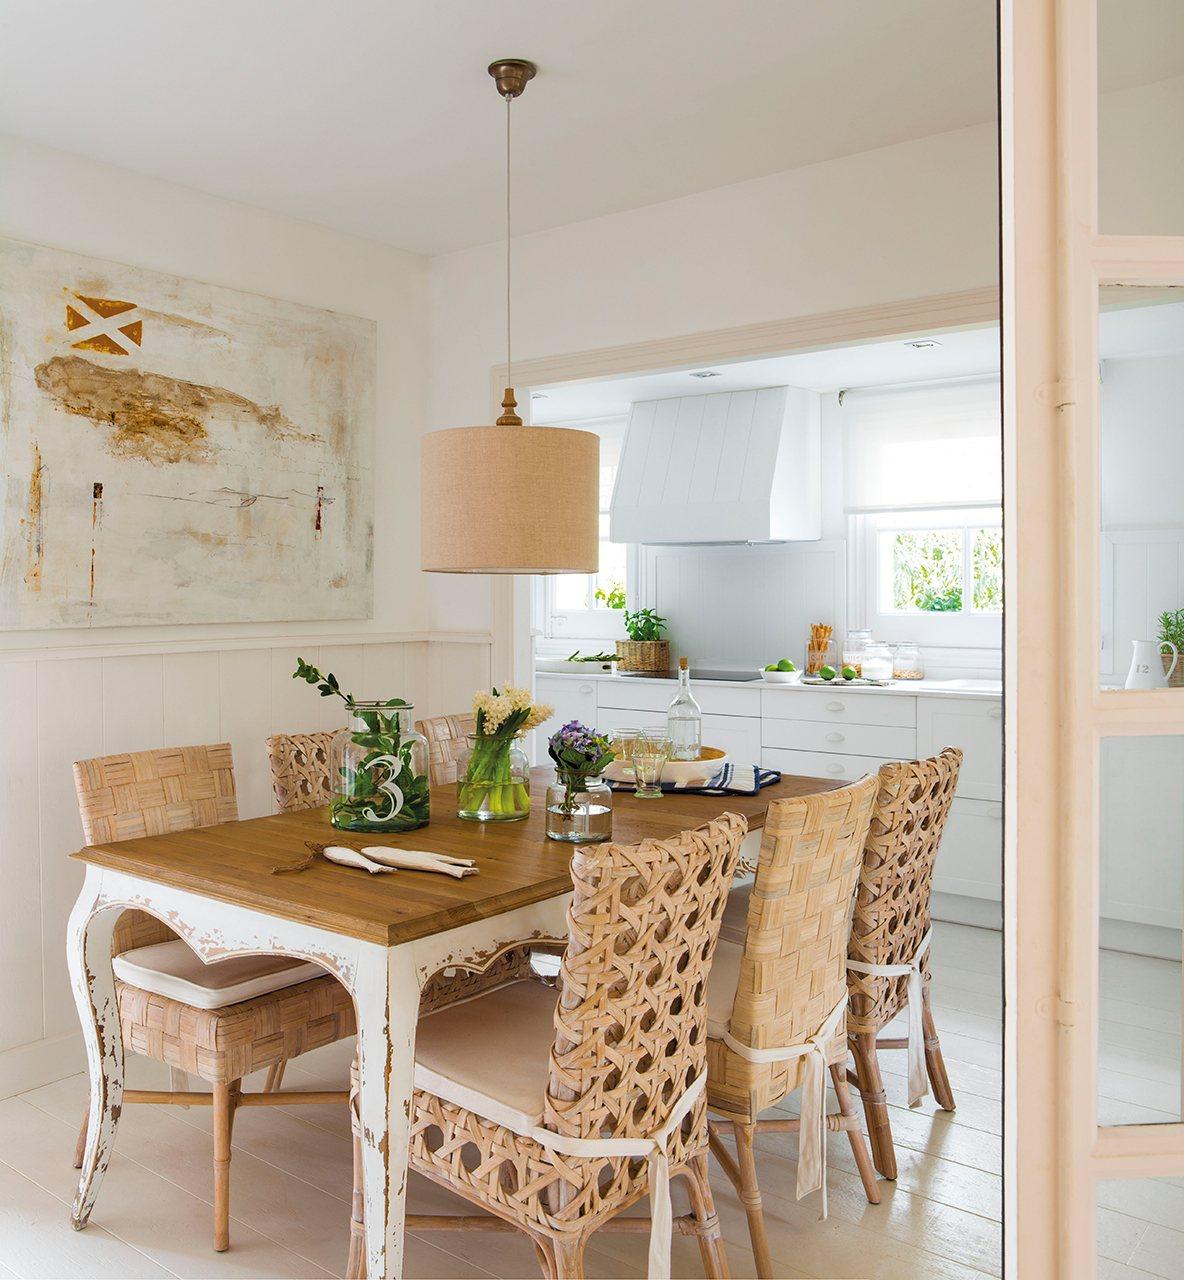 70 m2 en blanco ibicenco - Casas decoradas en blanco ...